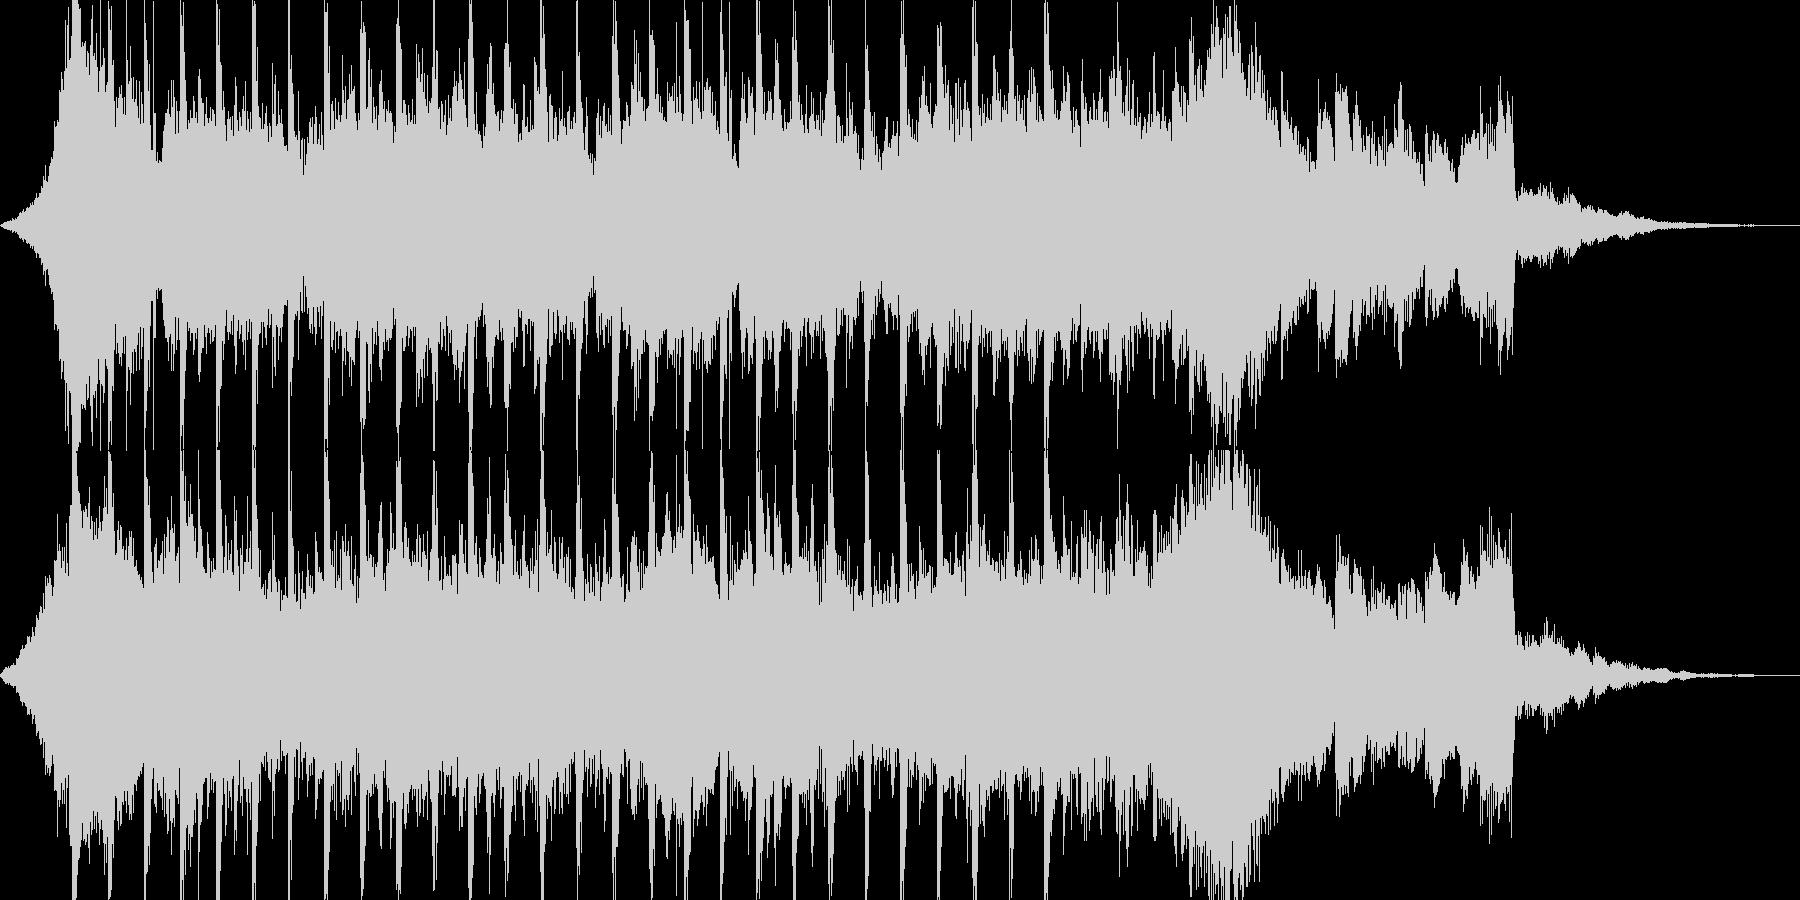 企業VP系45、爽やかギター4つ打ちcの未再生の波形